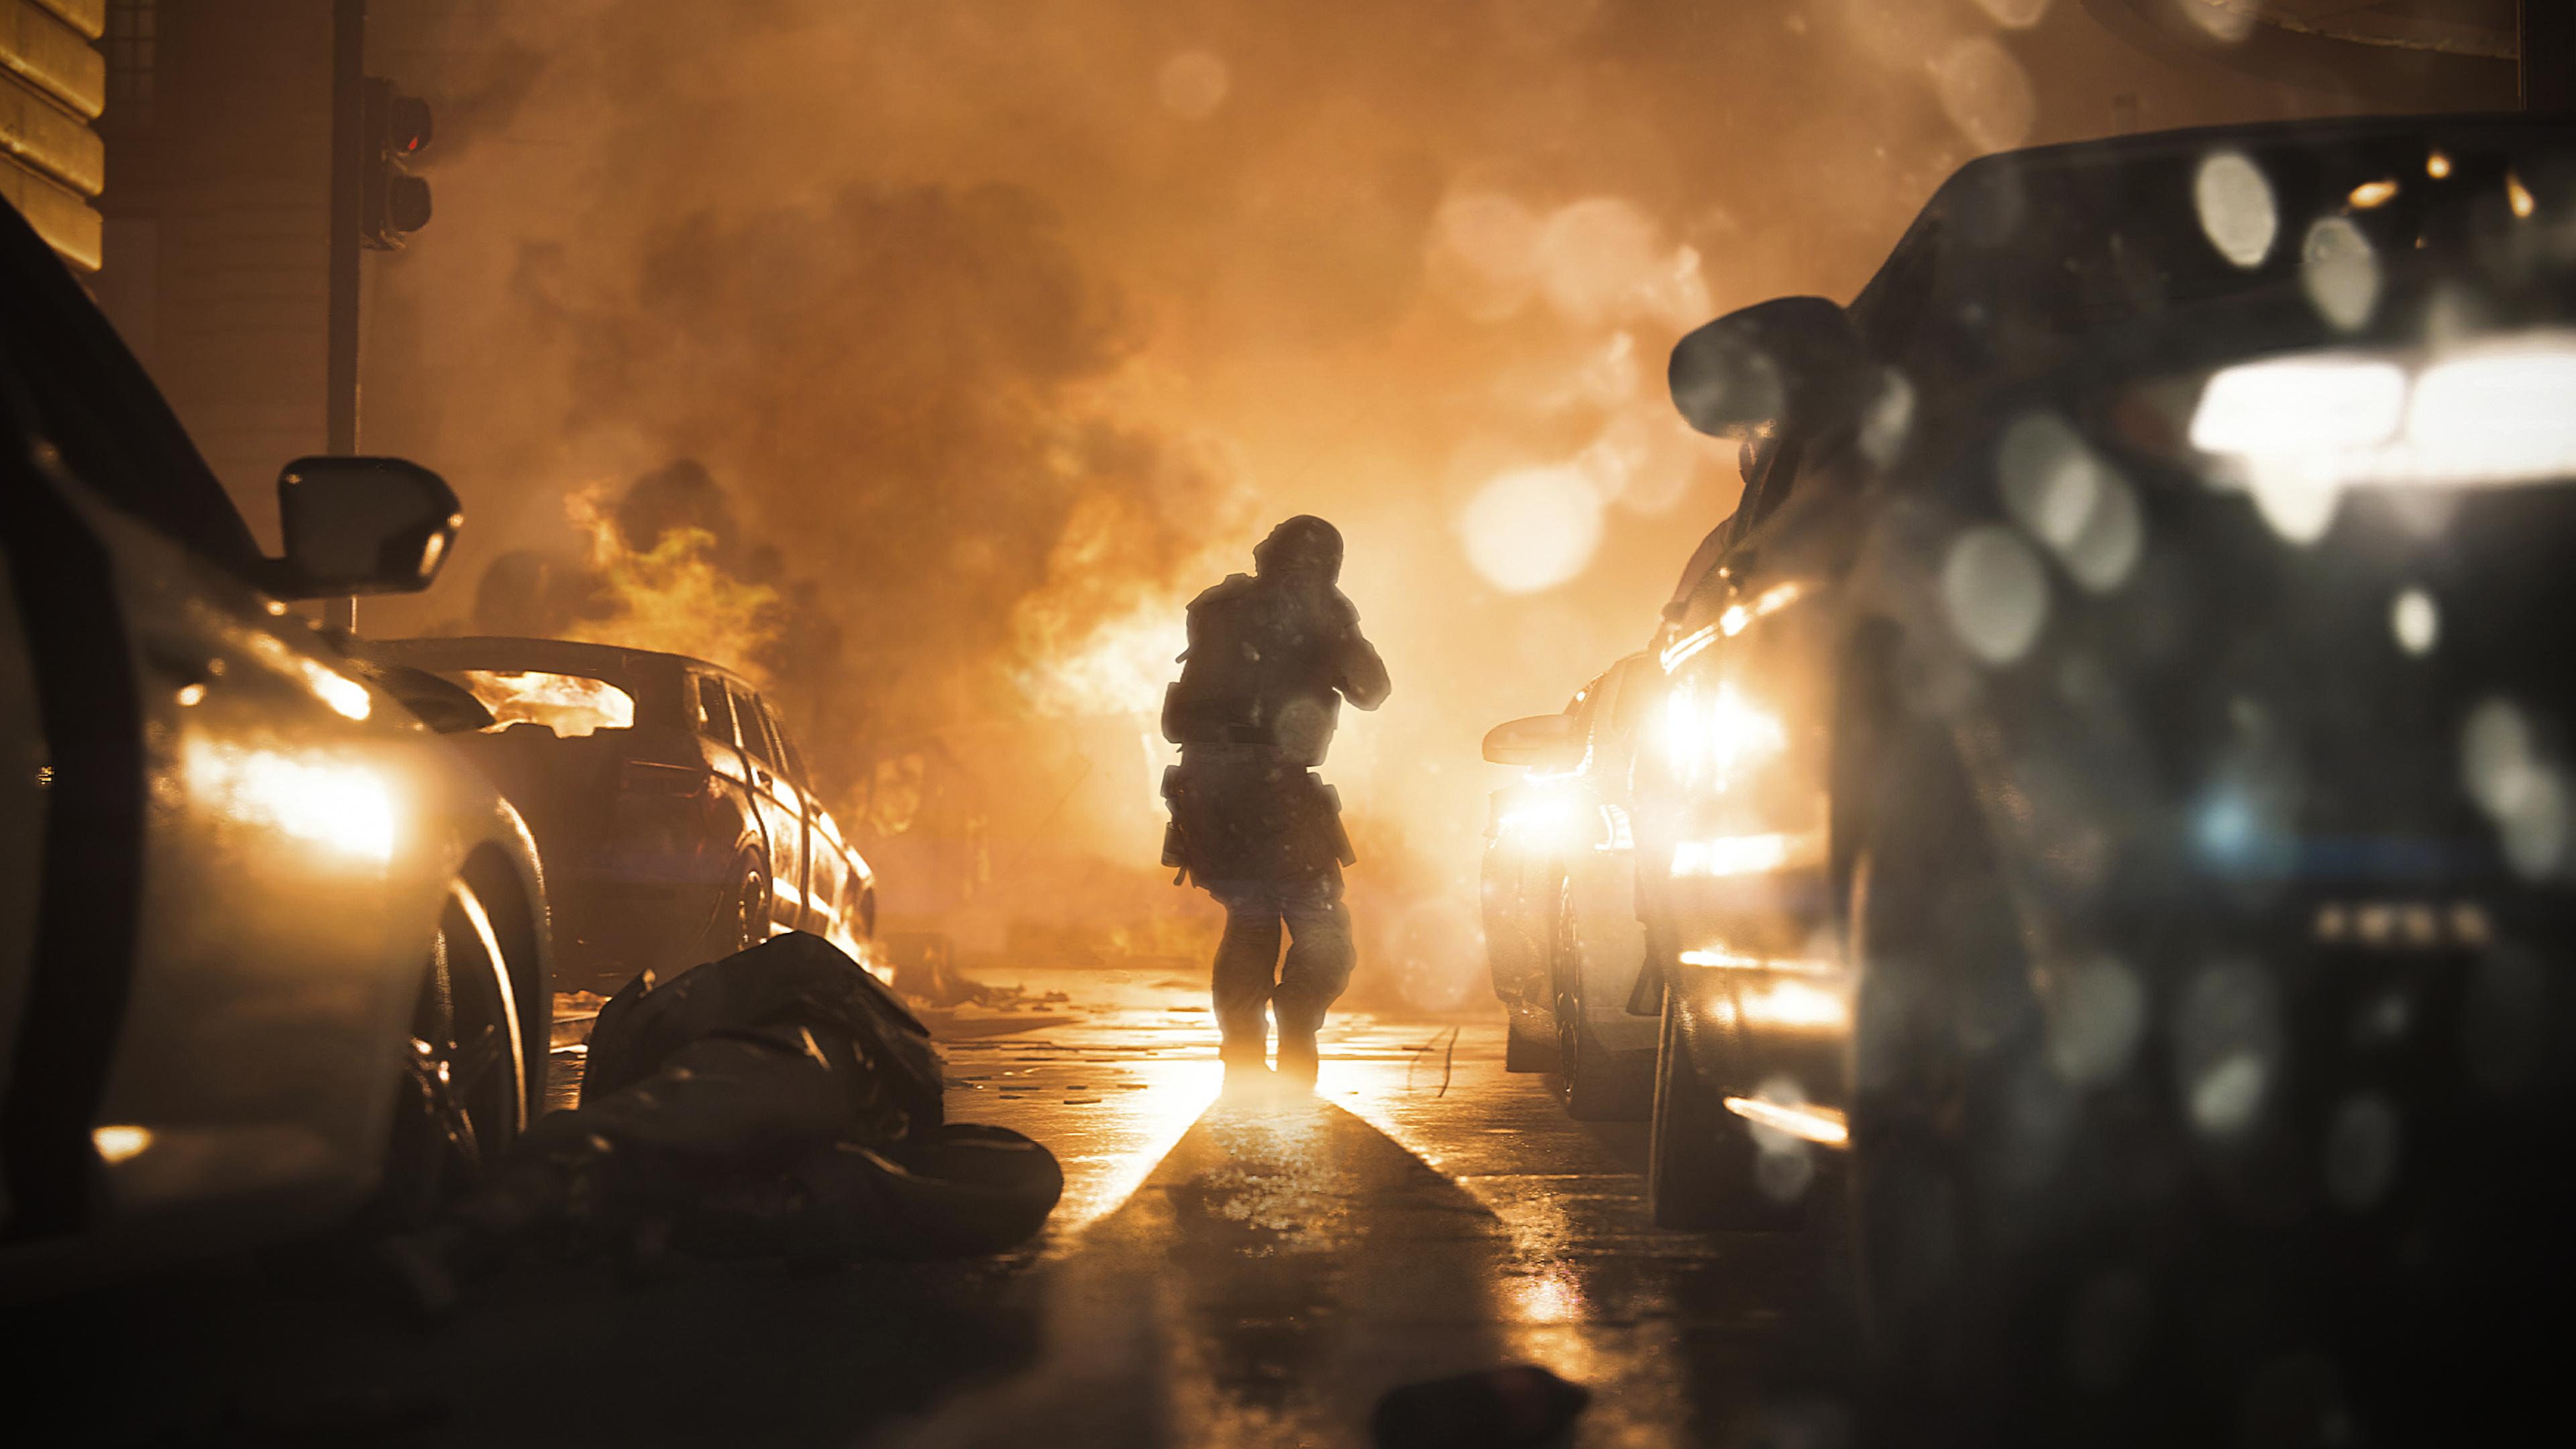 Call Of Duty Modern Warfare Soldiers 4k 4 Wallpaper